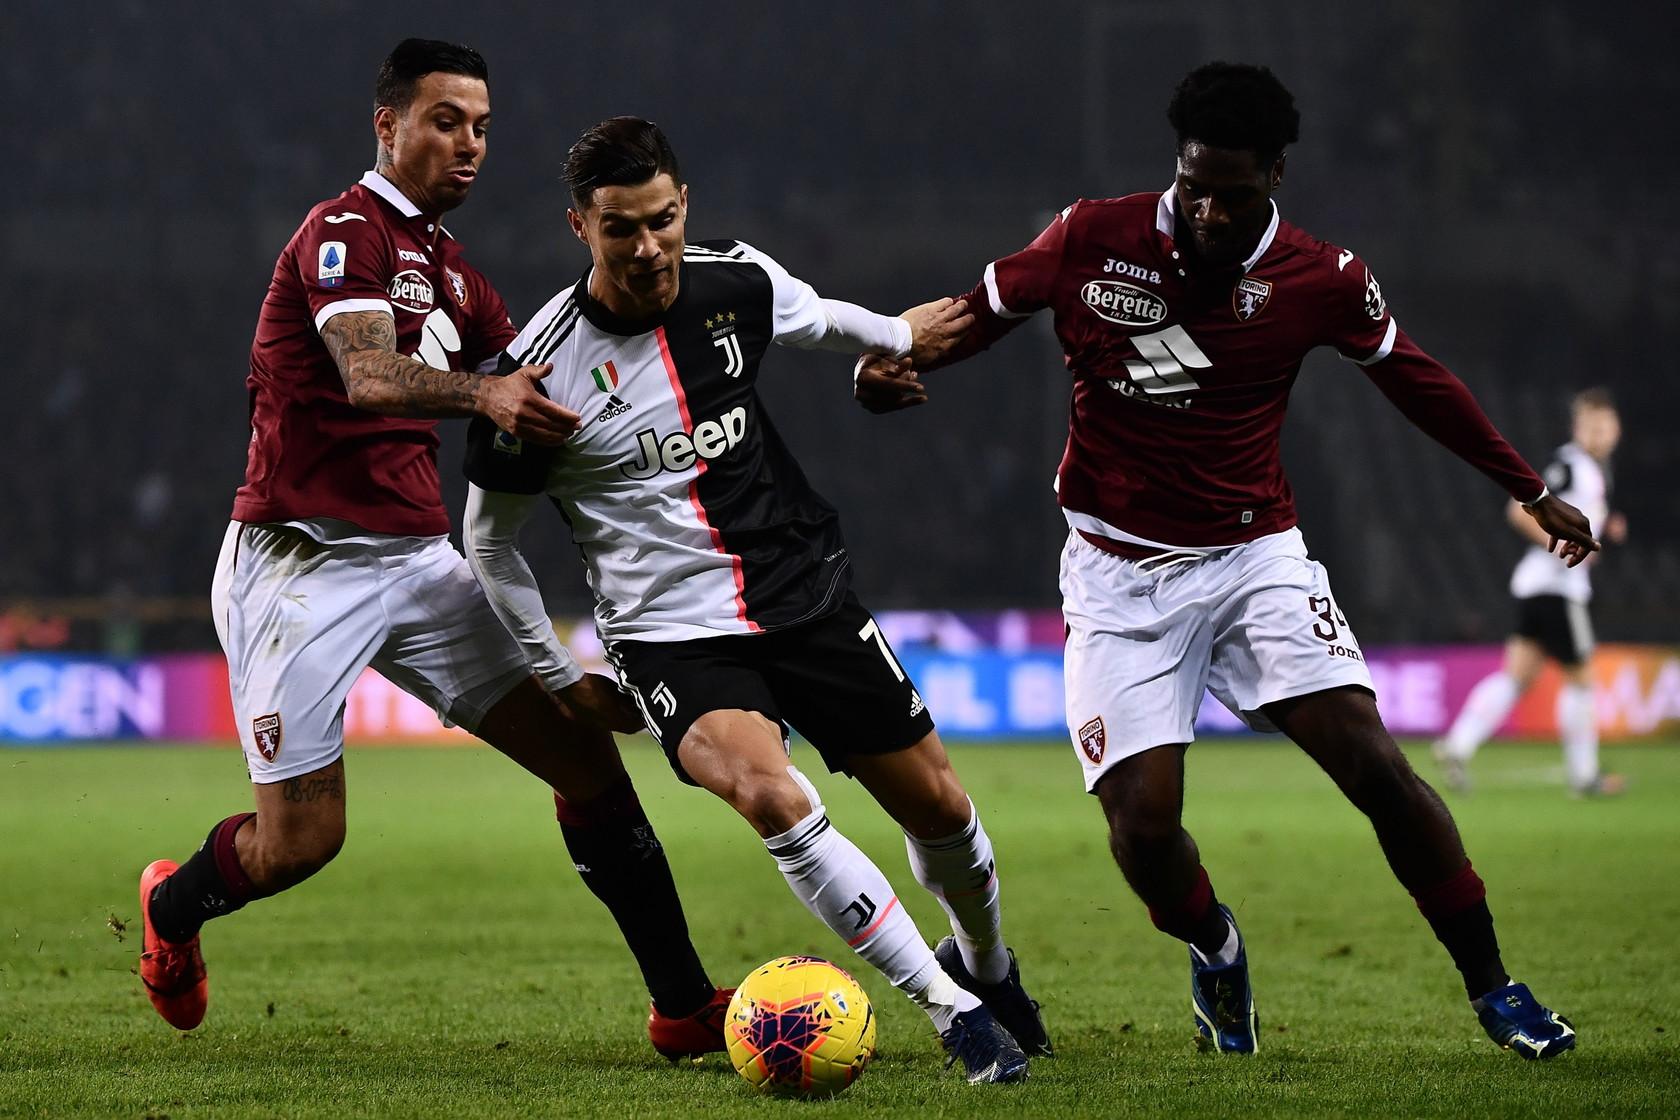 La Juve conquista il derby della Mole e torna in vetta alla classifica, a +1 sull'Inter che aveva vinto 2-1 a Bologna. All'Olimpico di Torino ...